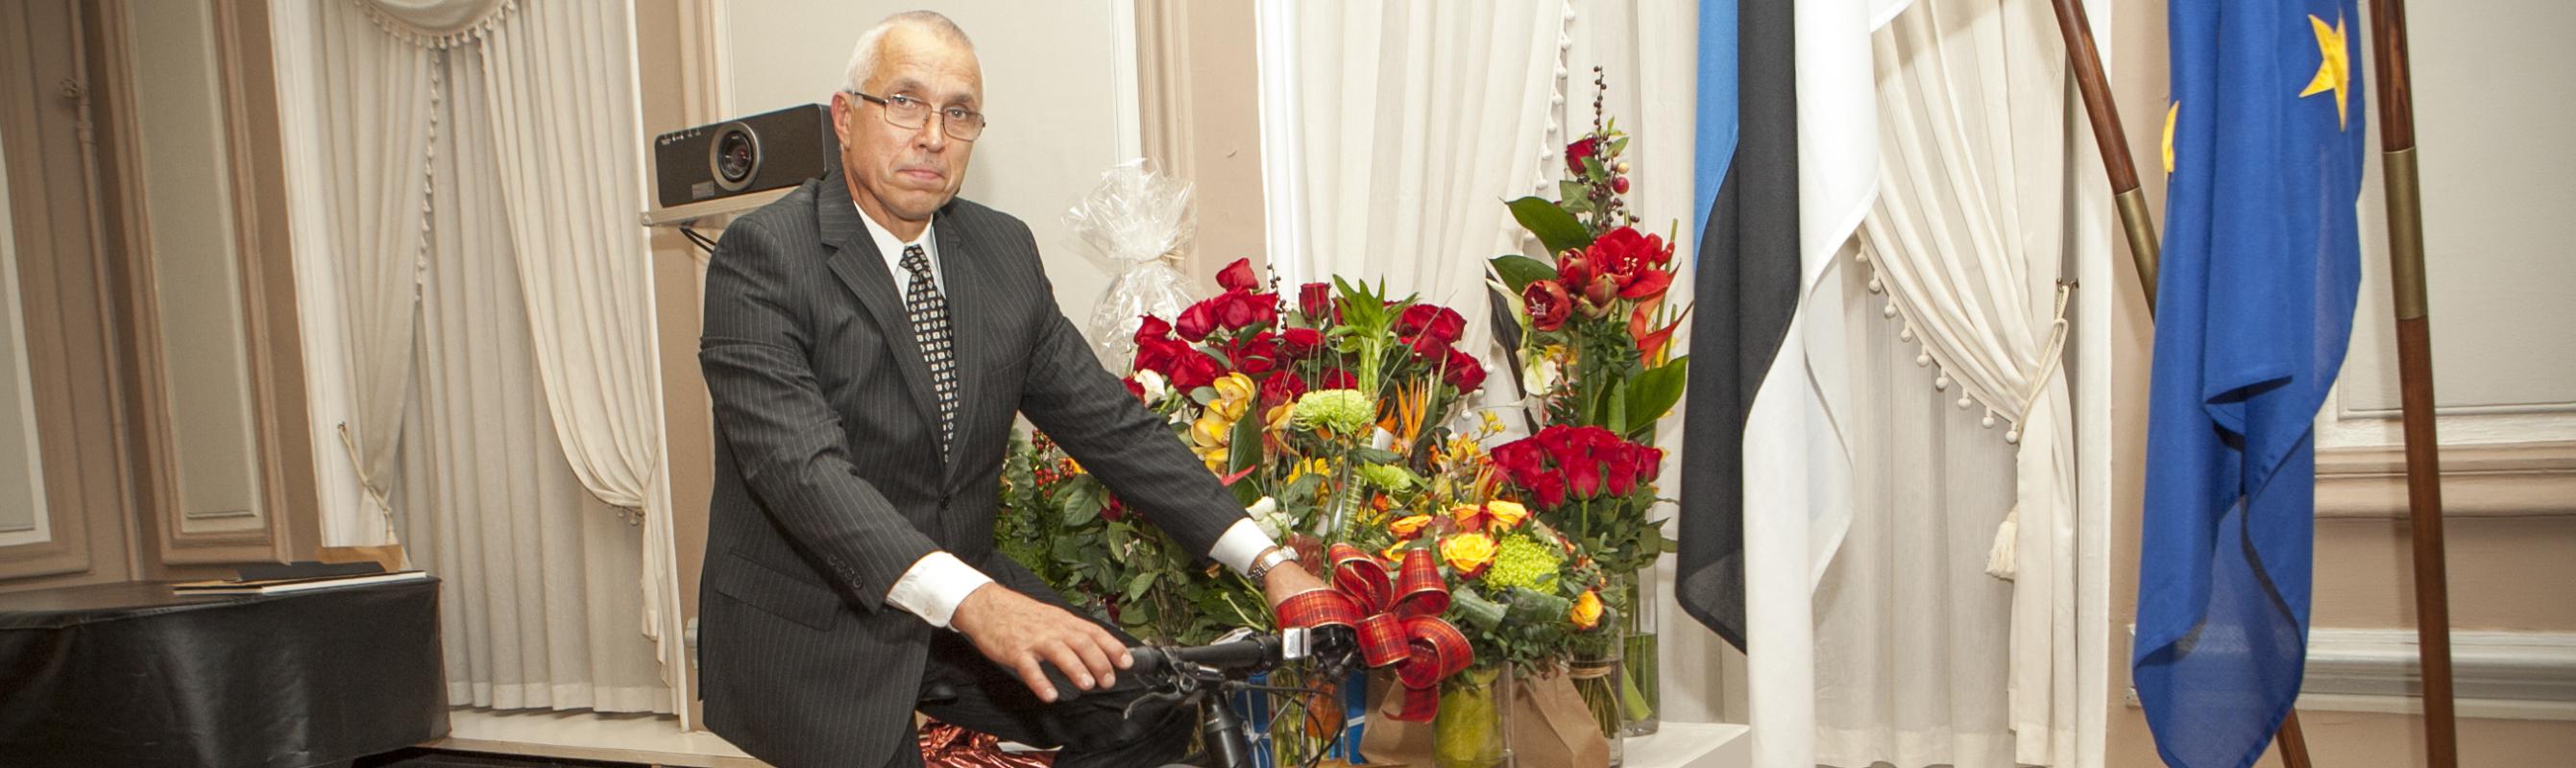 Regionaalhaigla Grand Man 2014 üldkirurg dr Jaan Tepp